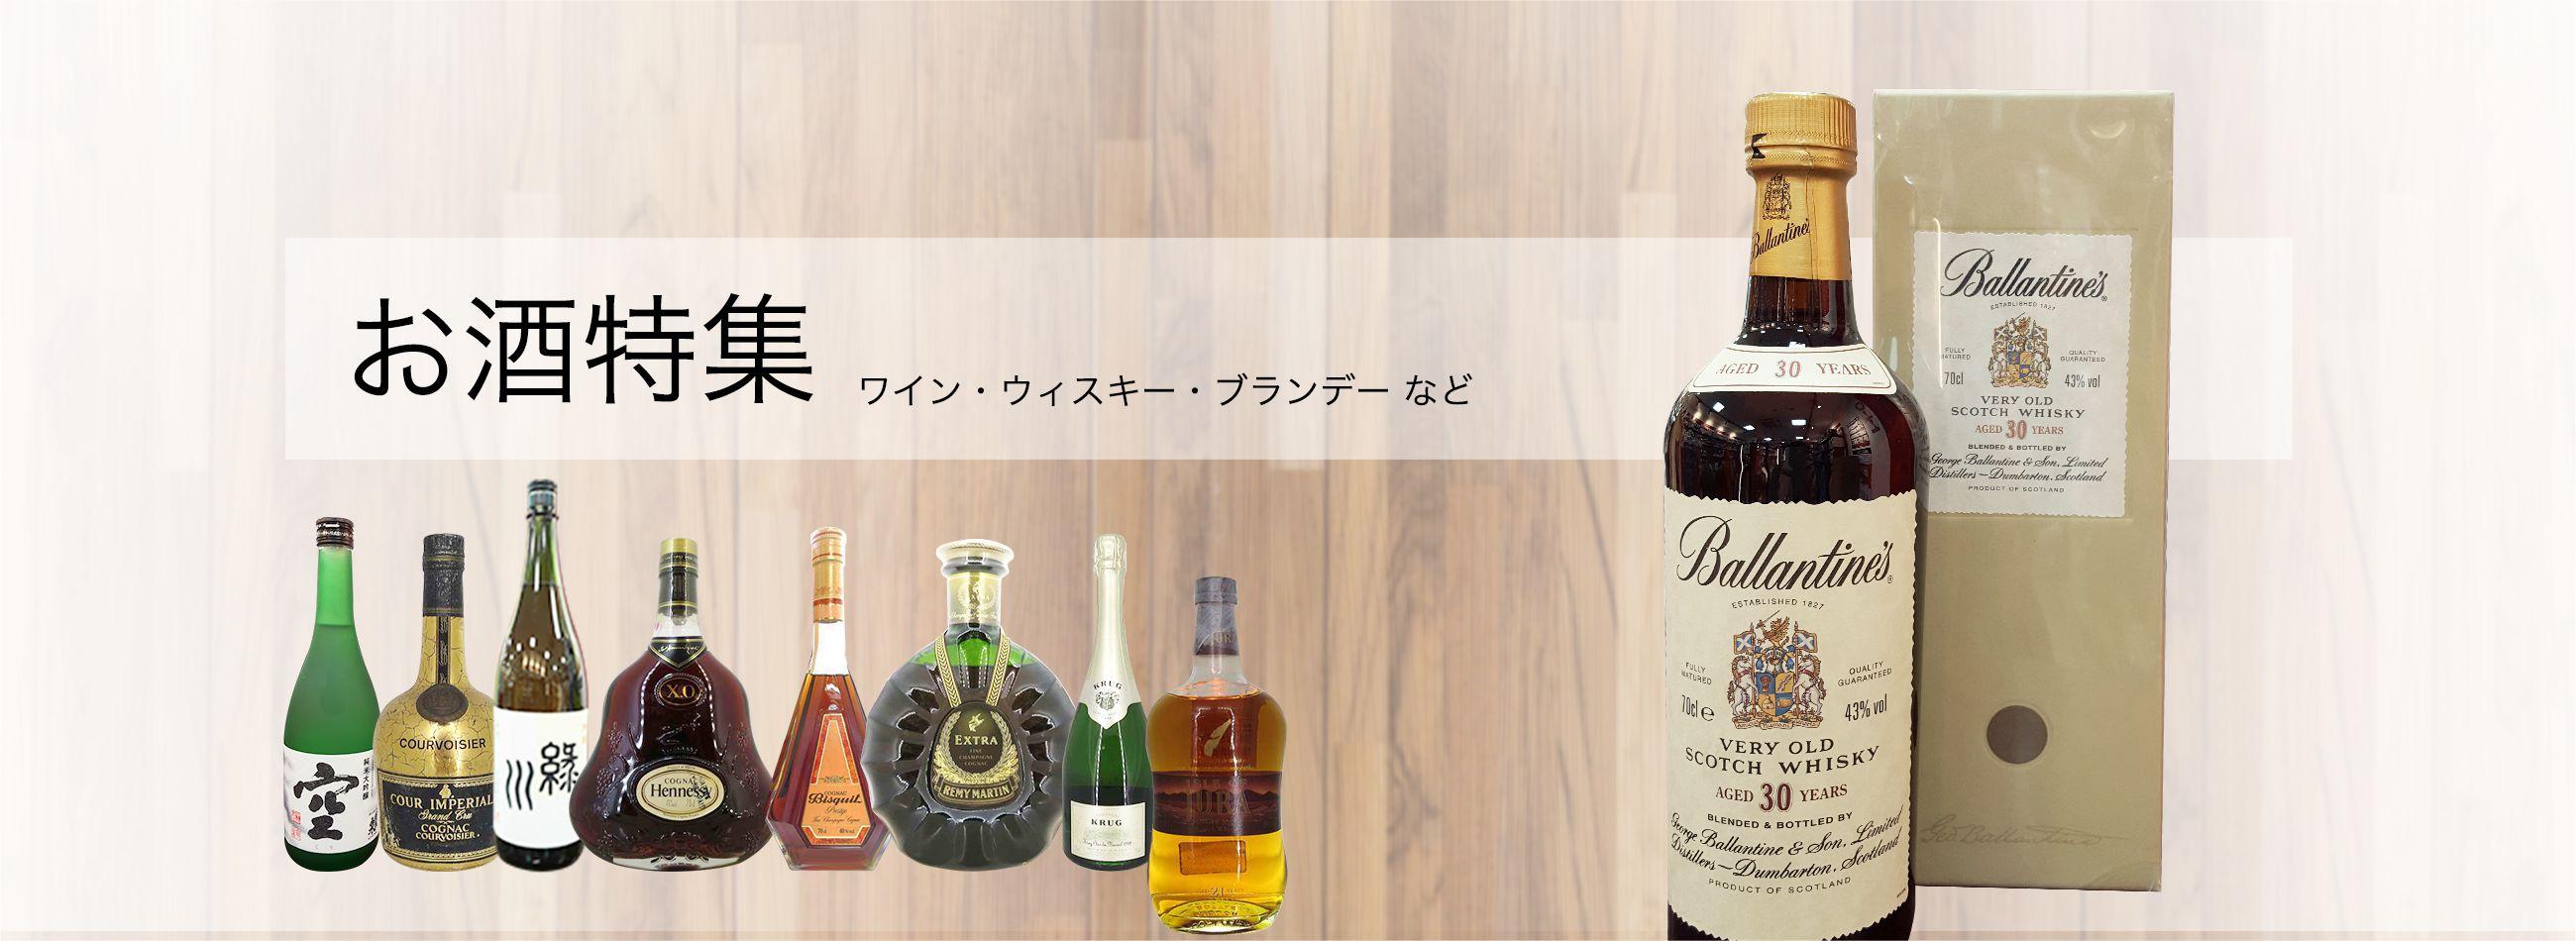 【美味しいお酒】特集